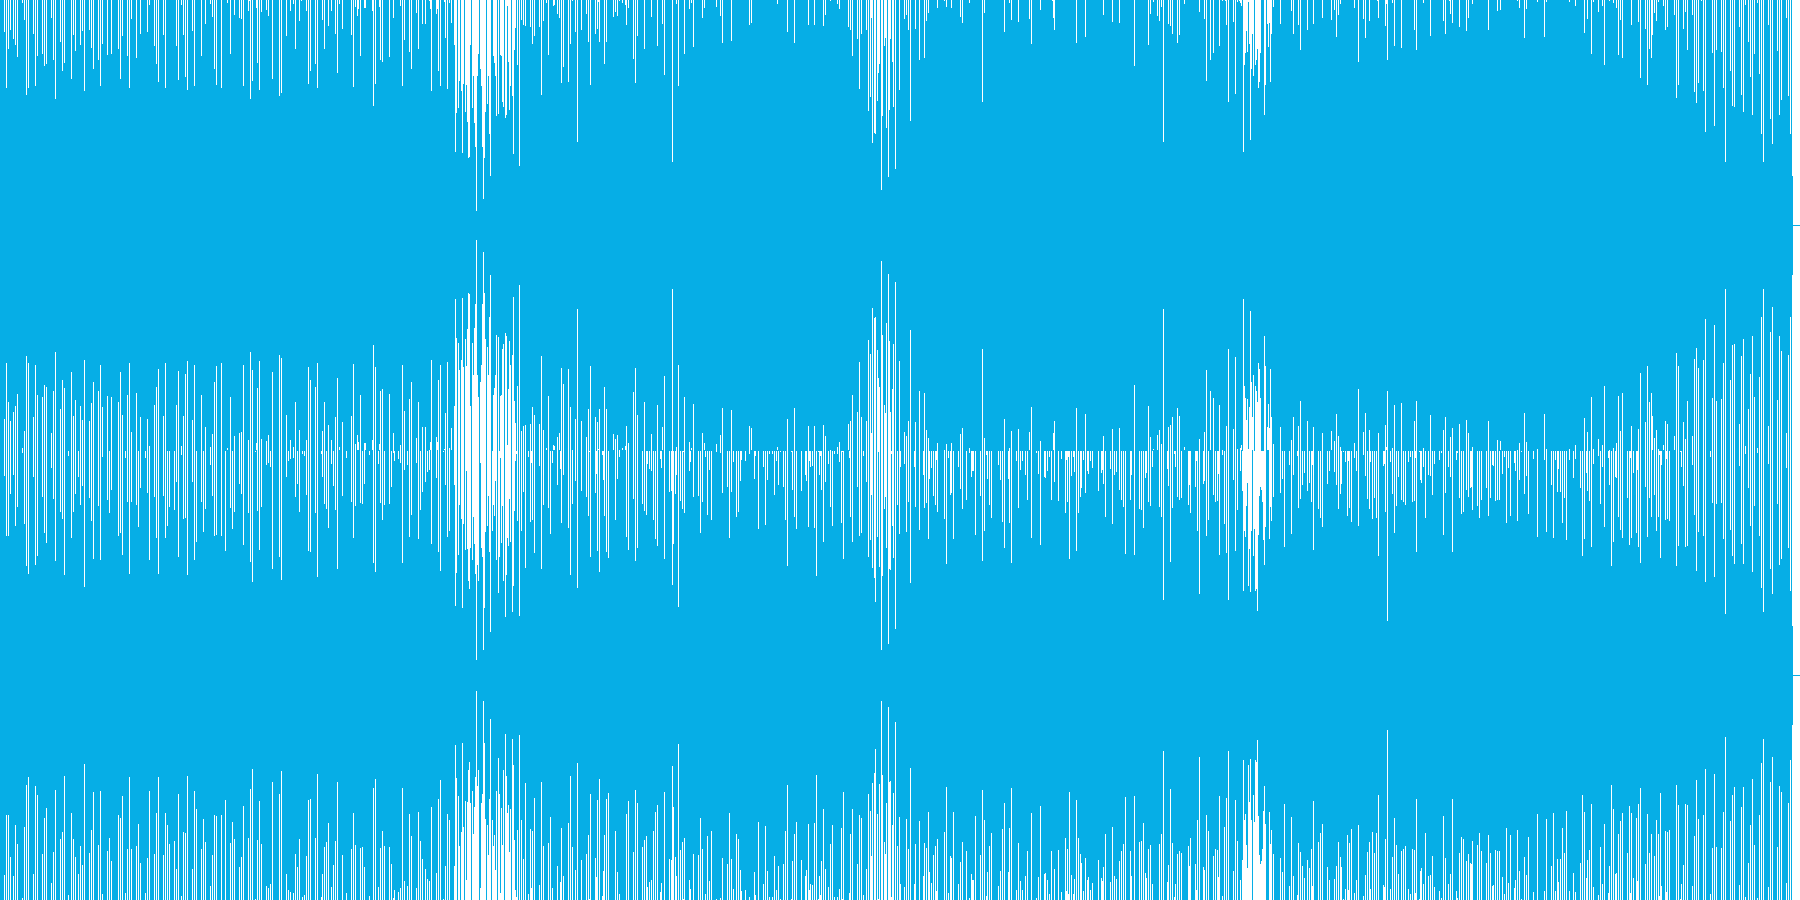 疾走感あるテクノの再生済みの波形